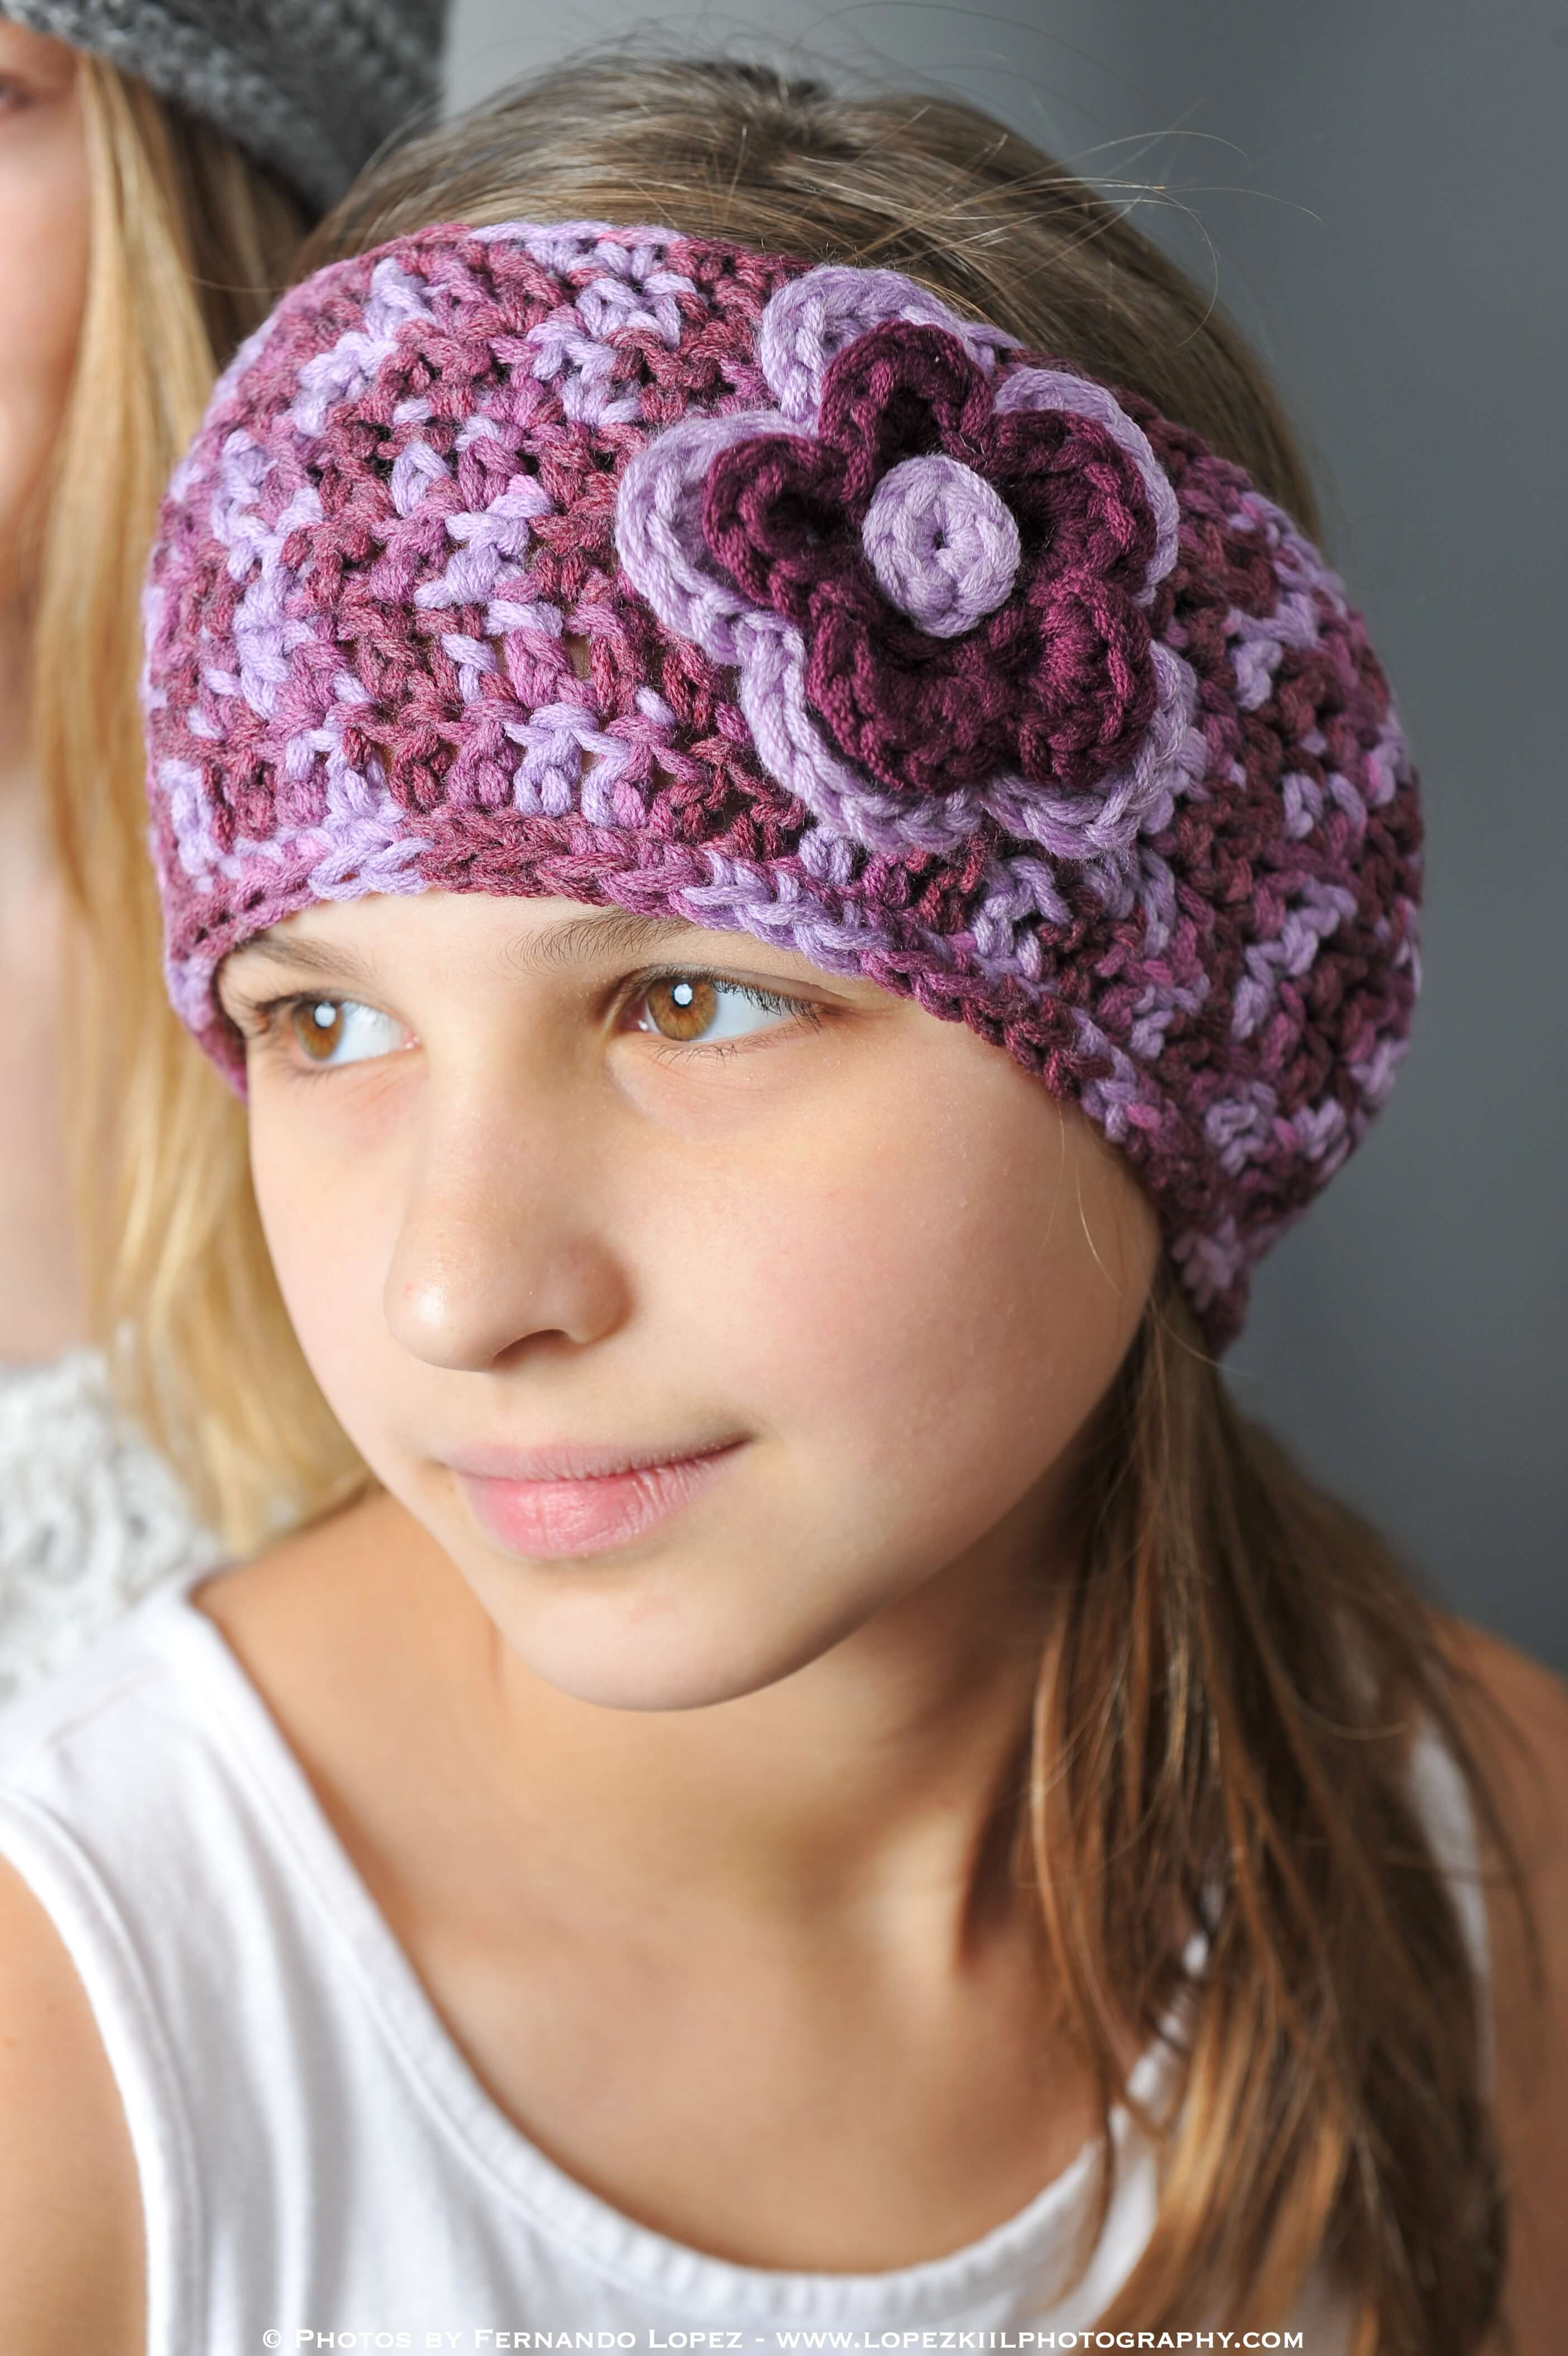 Crochet Pattern For Ear Warmers With Flower : Crochet Ear Warmer with Layered Flowers Petals to Picots